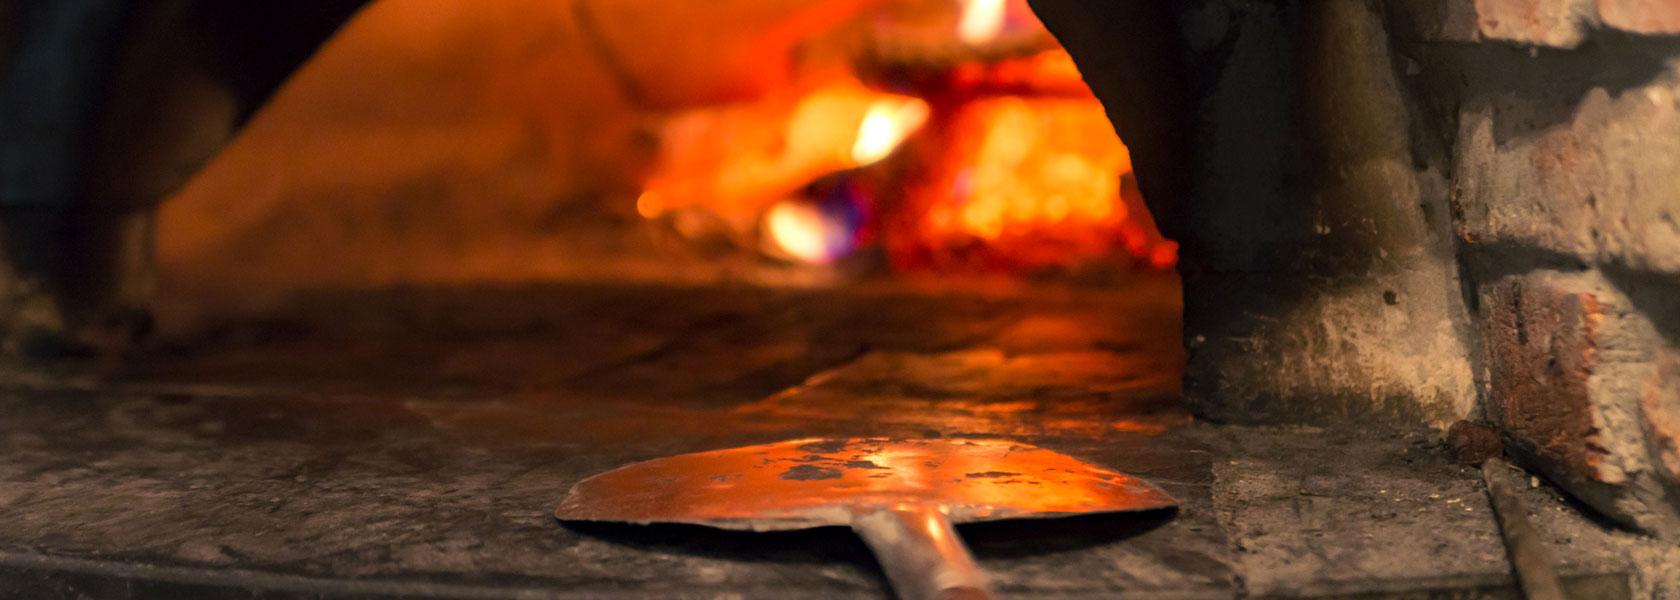 pizzeria forno a legna bg